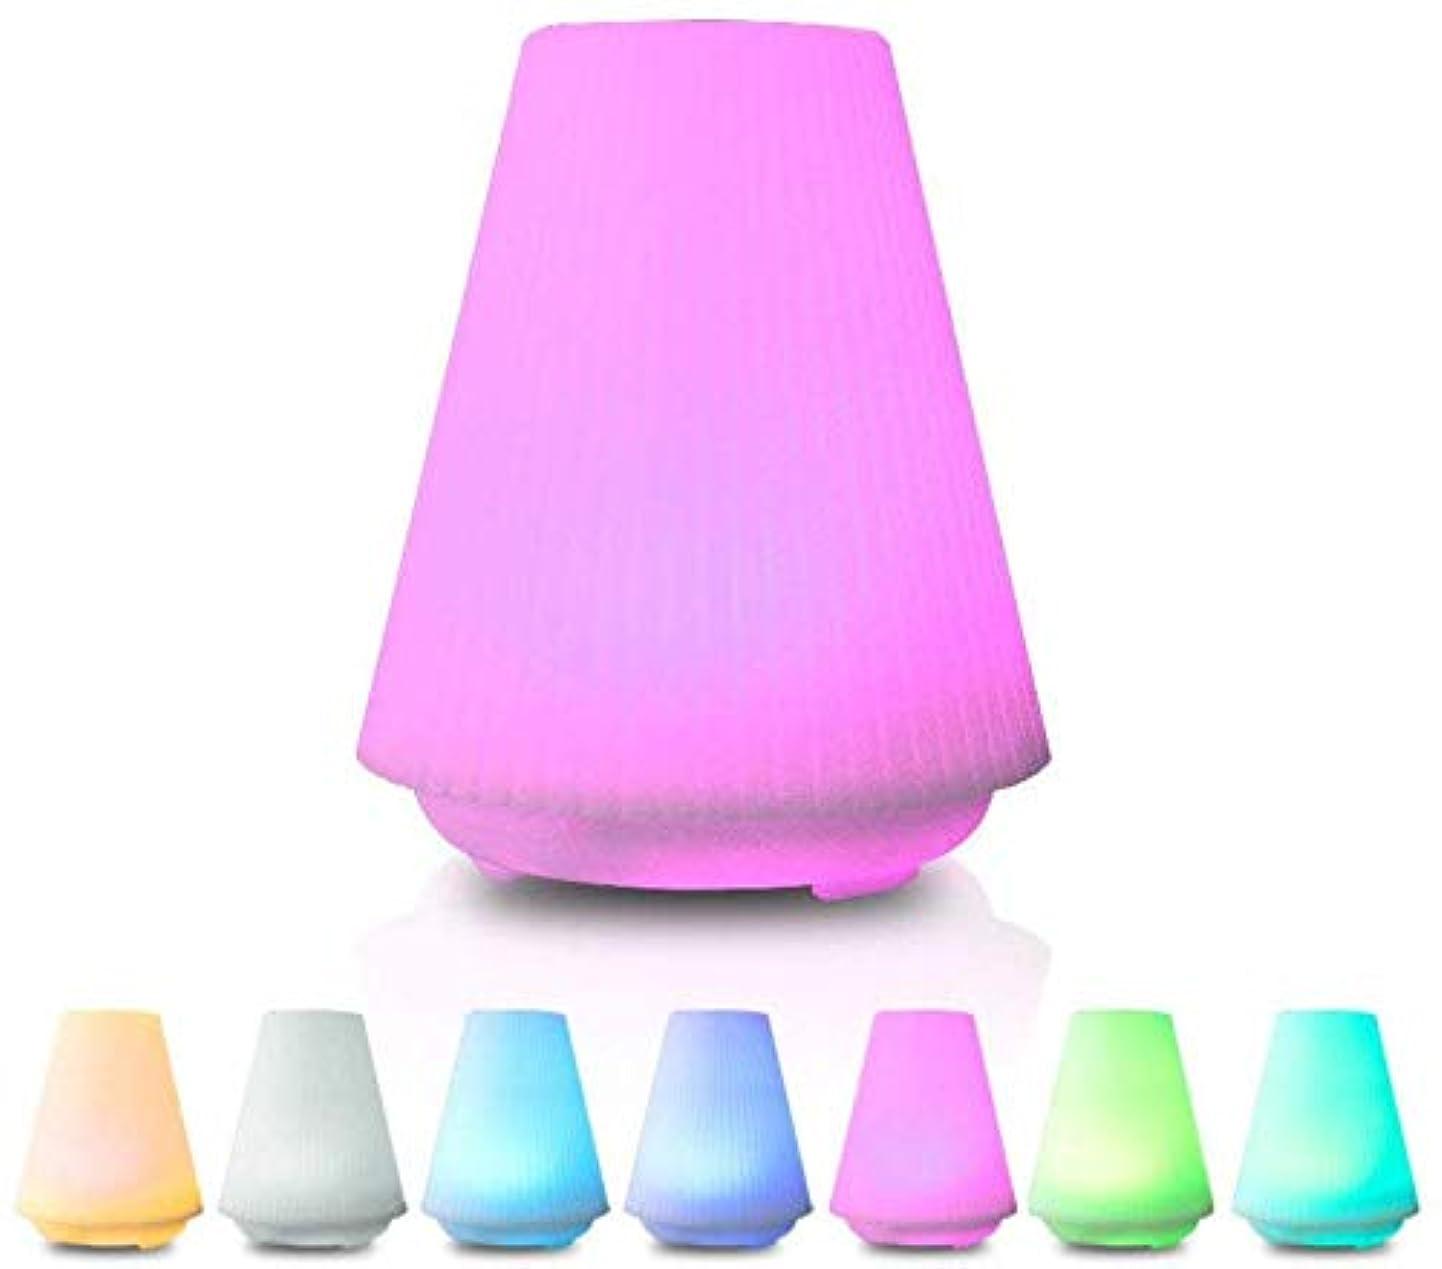 禁止する私の玉ねぎアロマセラピーエッセンシャルオイルディフューザーエッセンシャルオイル用100mlディフューザー8色LEDライト付き超音波ディフューザー、ウォーターレス自動シャットオフ、4ミストモード、彼女の家の装飾のためのバレンタインのアイデア